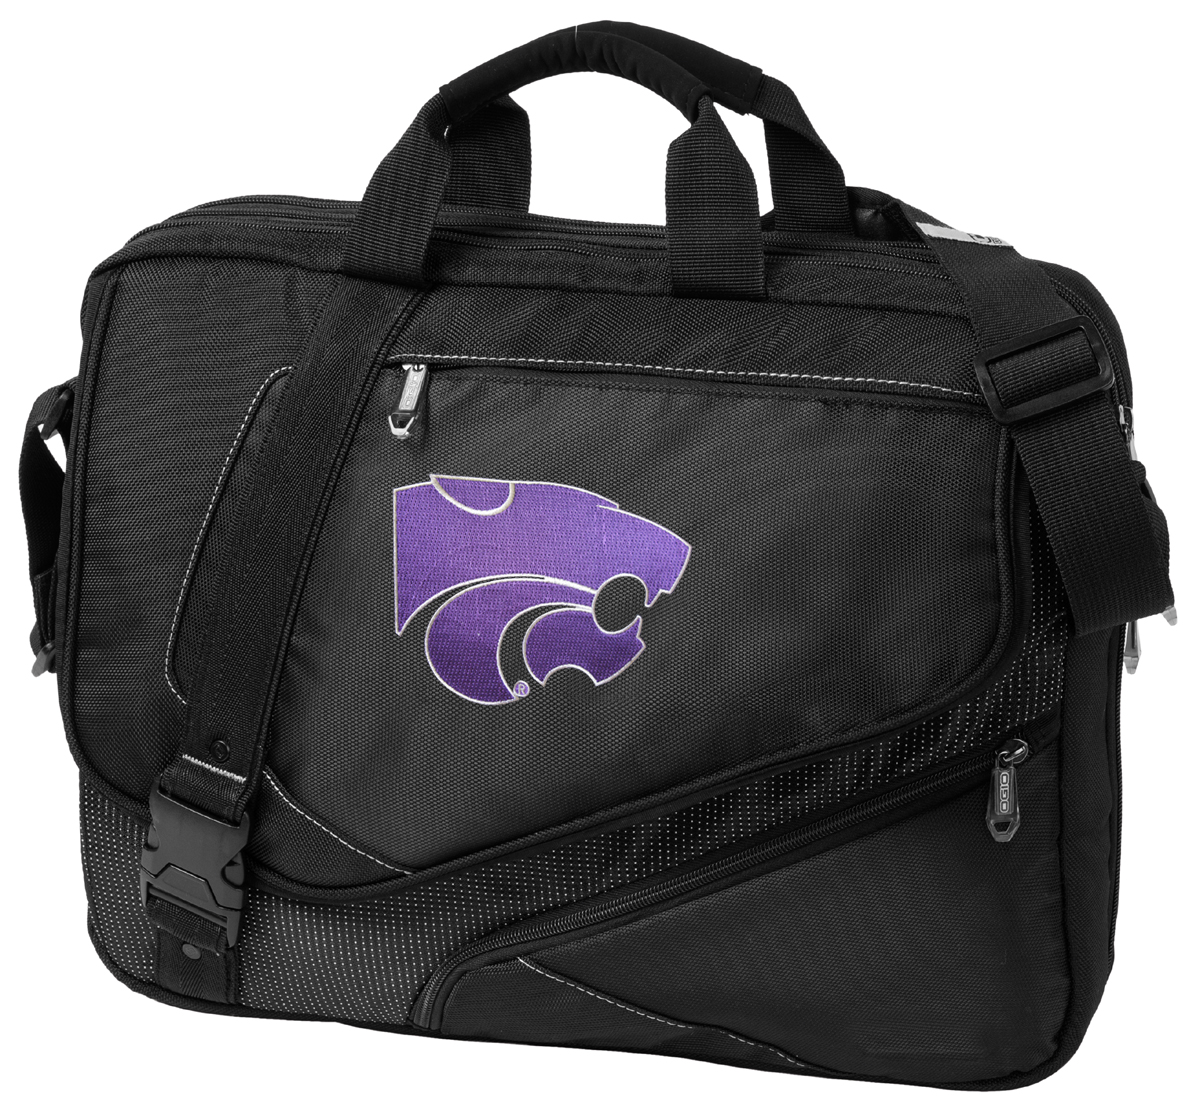 Broad Bay NCAA Kansas State Duffel Bag K-State Gym Bags w//Shoe Pocket